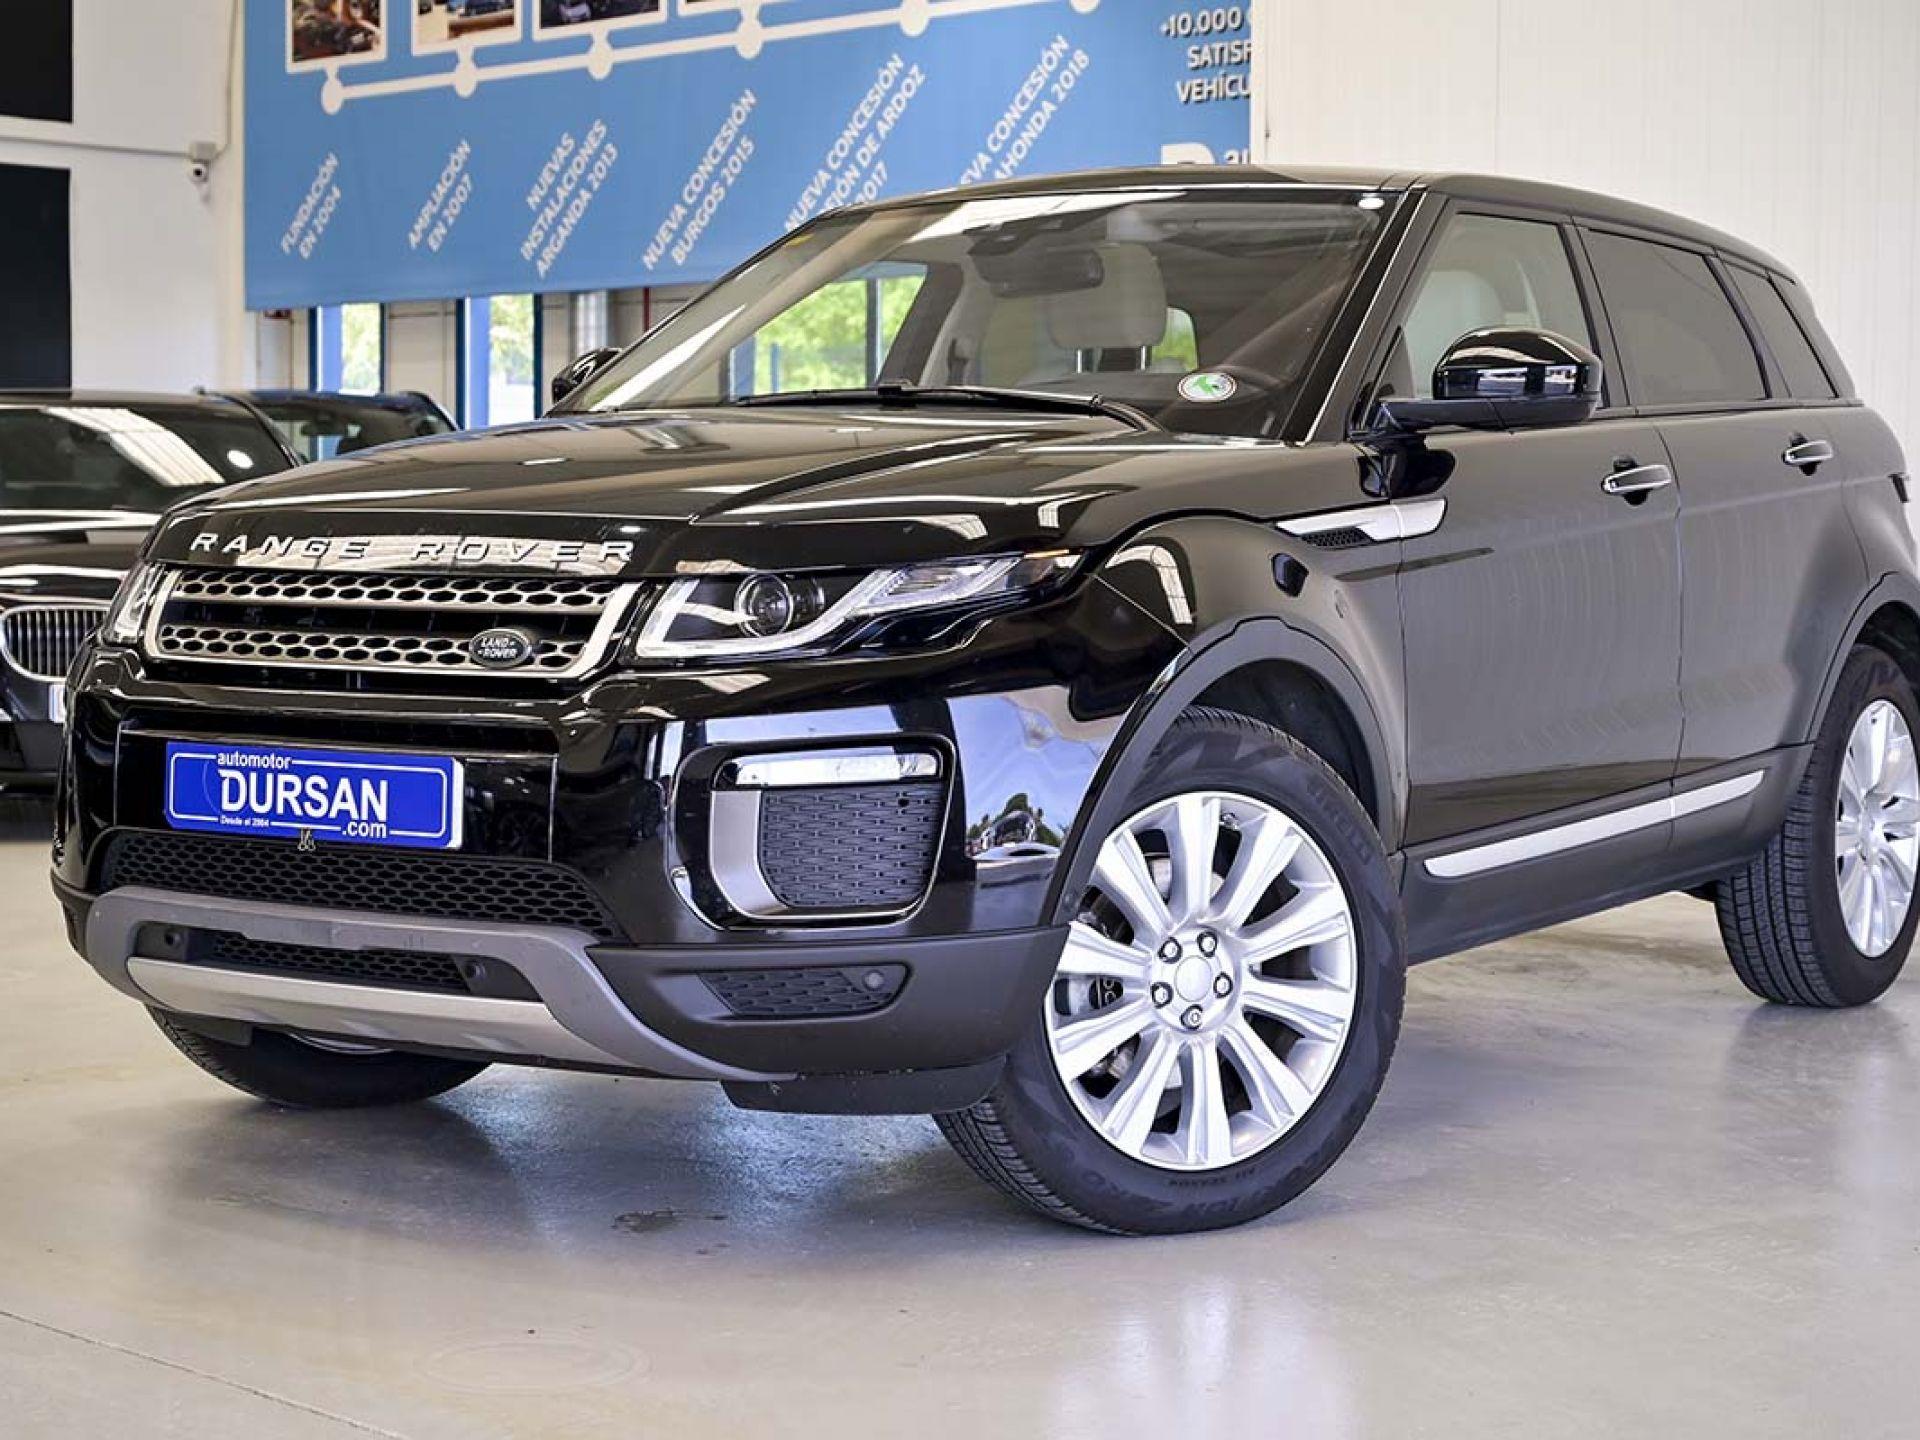 Land Rover Range Rover Evoque ocasión segunda mano 2017 Diésel por 33.900€ en Madrid